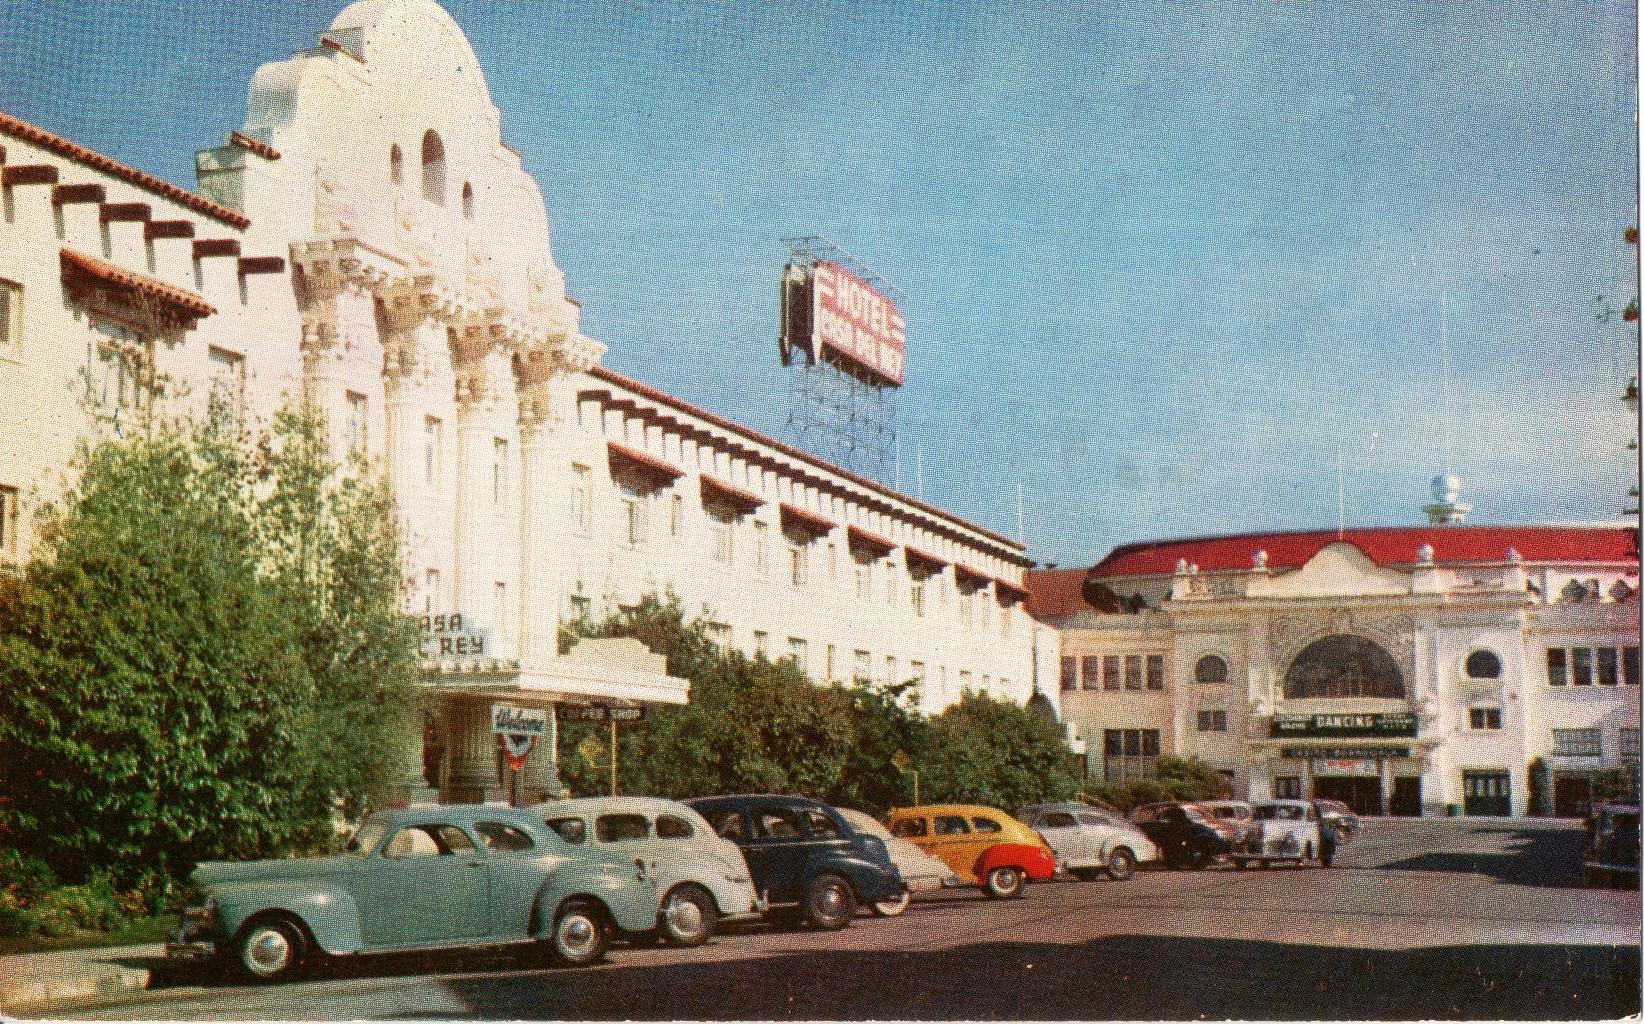 Santa cruz 1949 casa del rey hotel santa cruz blogazine - Casa santa cruz ...